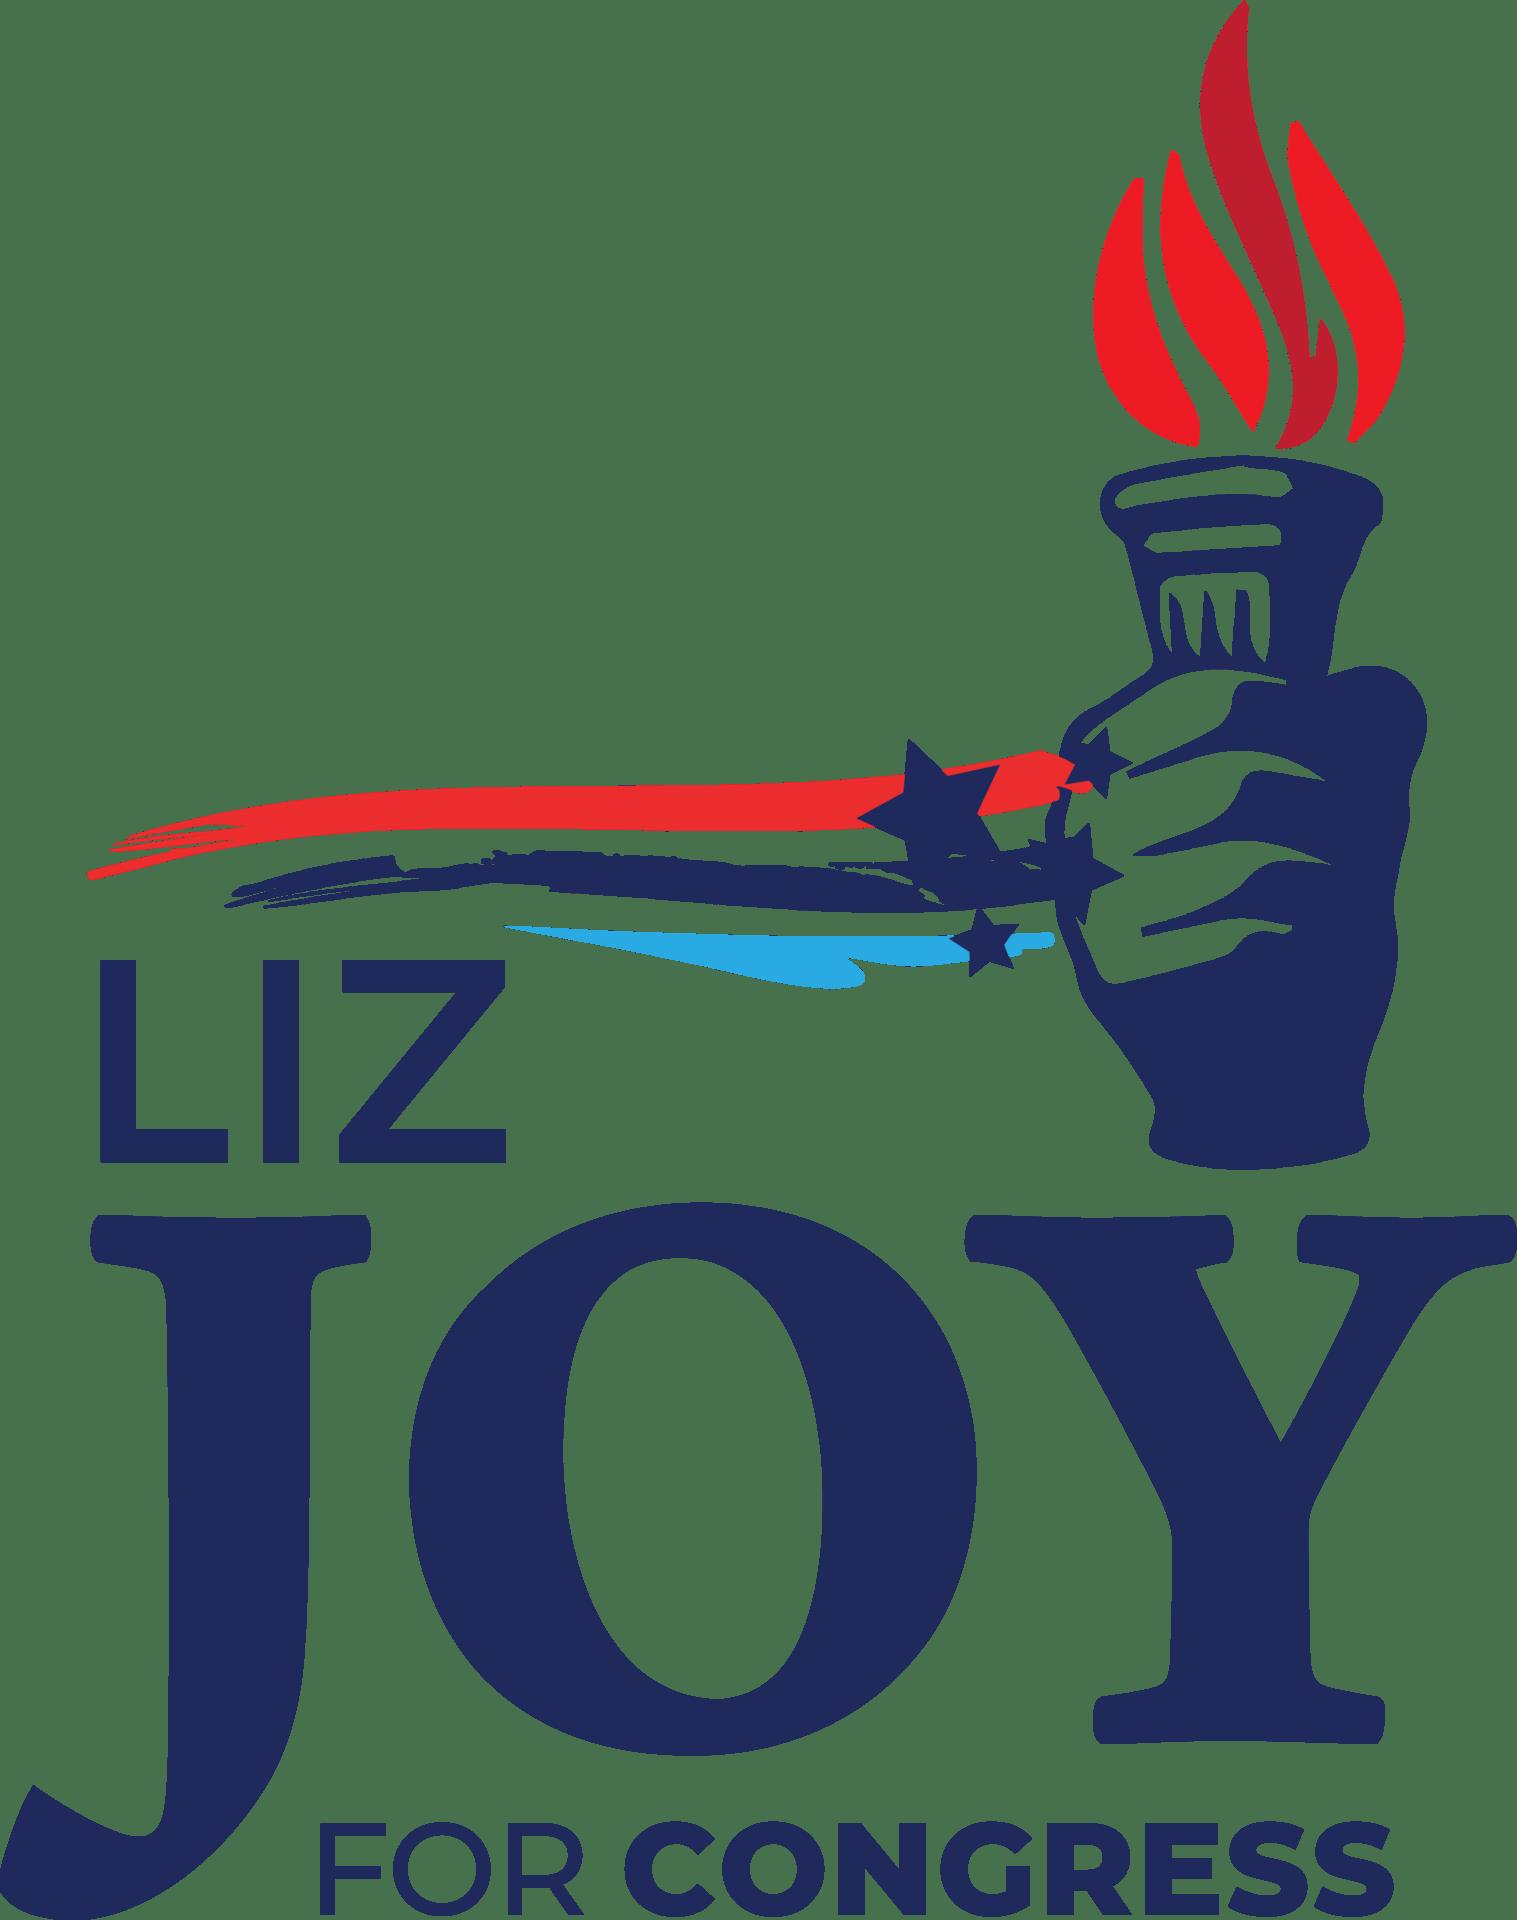 Joy logo blue